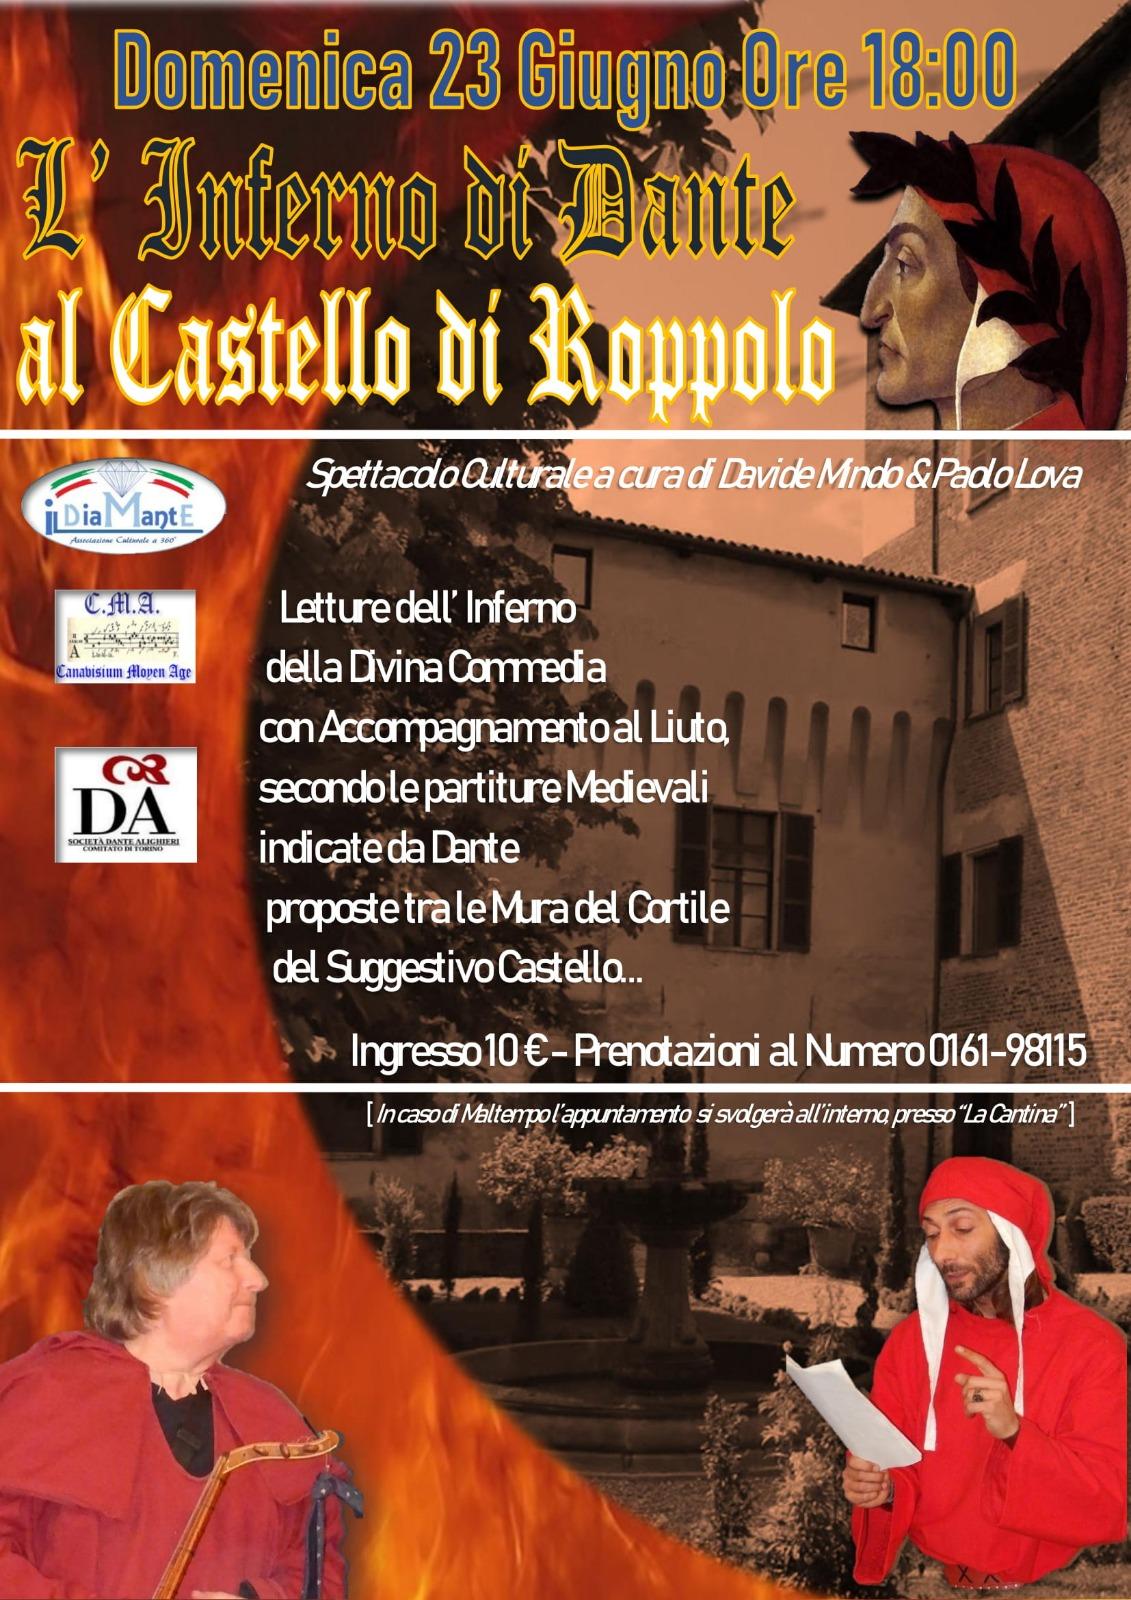 L'Inferno di Dante @ Castello di Roppolo